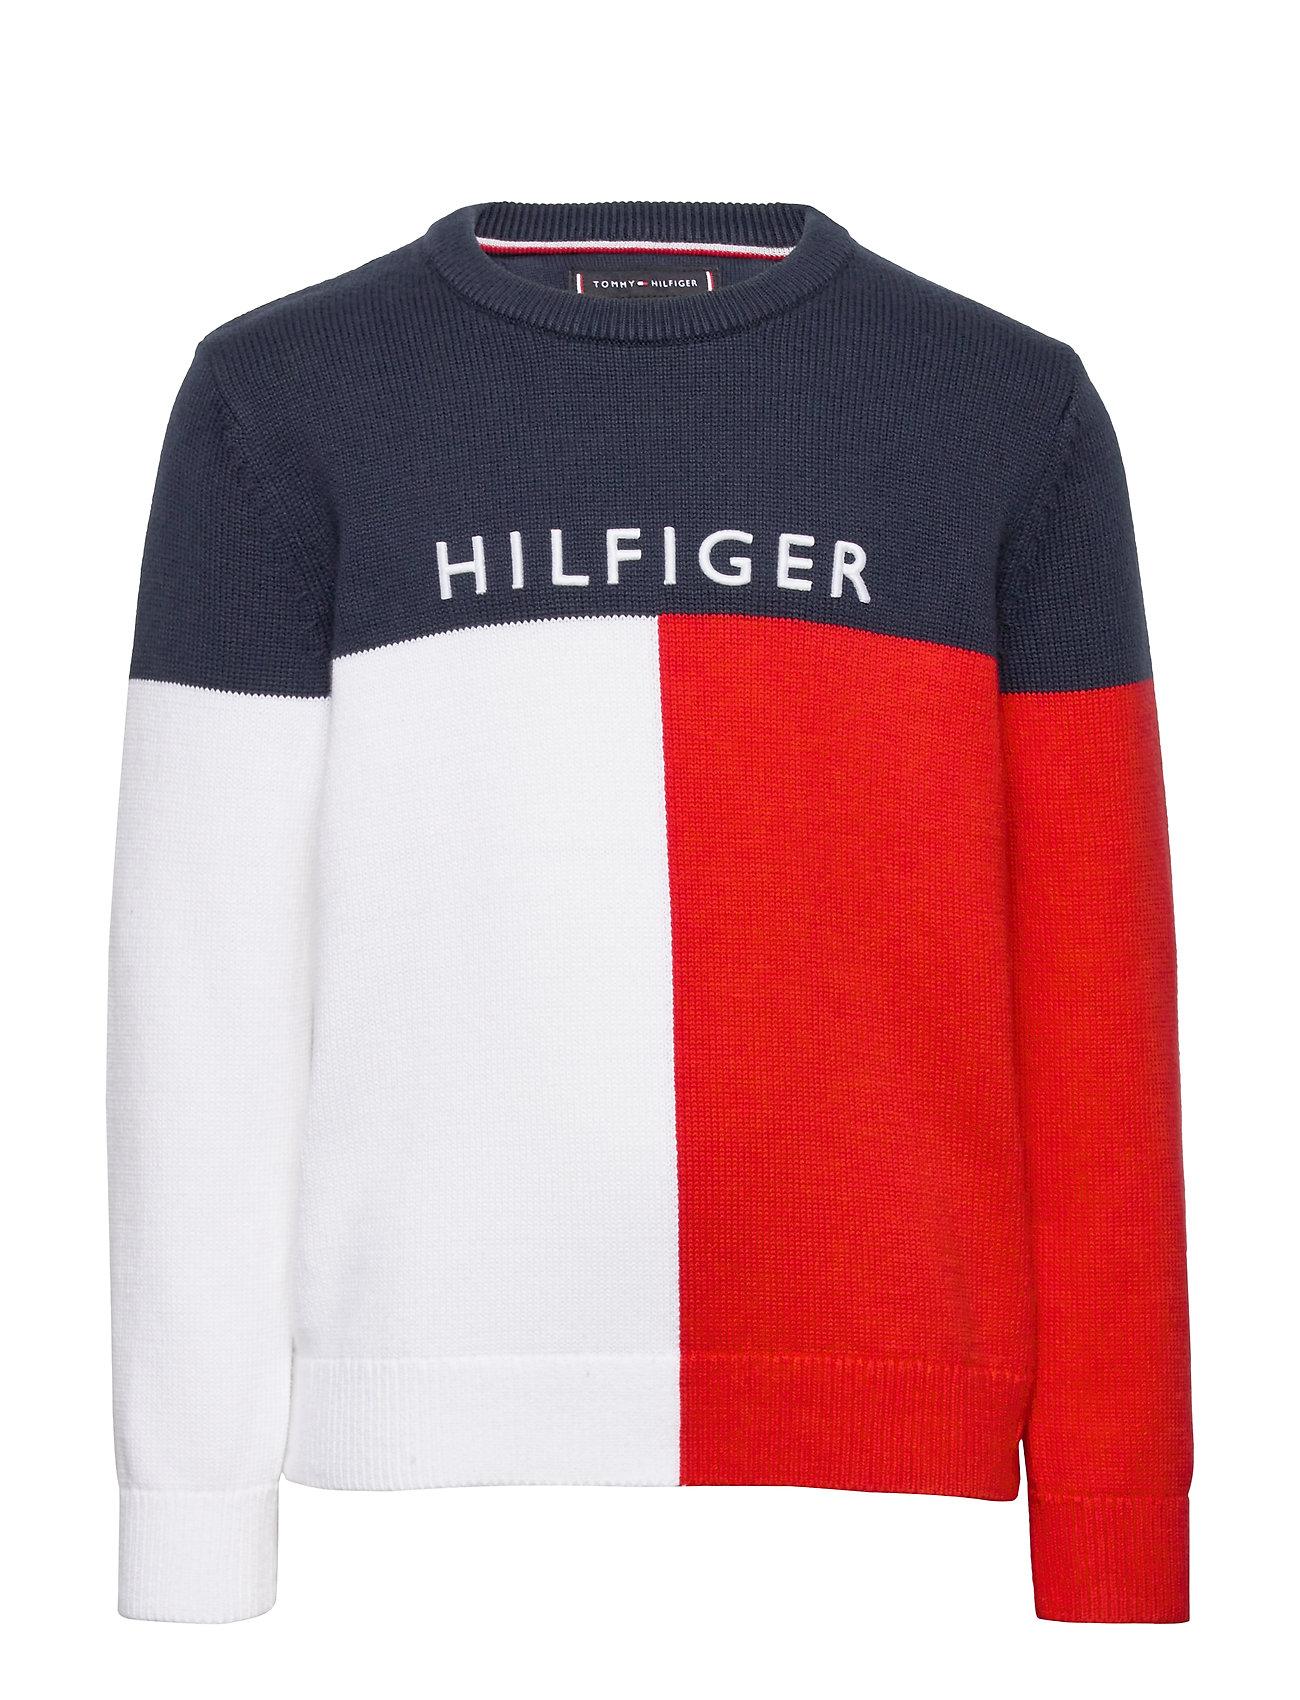 Image of Hilfiger Colorblock Sweater Sweatshirt Trøje Blå Tommy Hilfiger (3424648047)